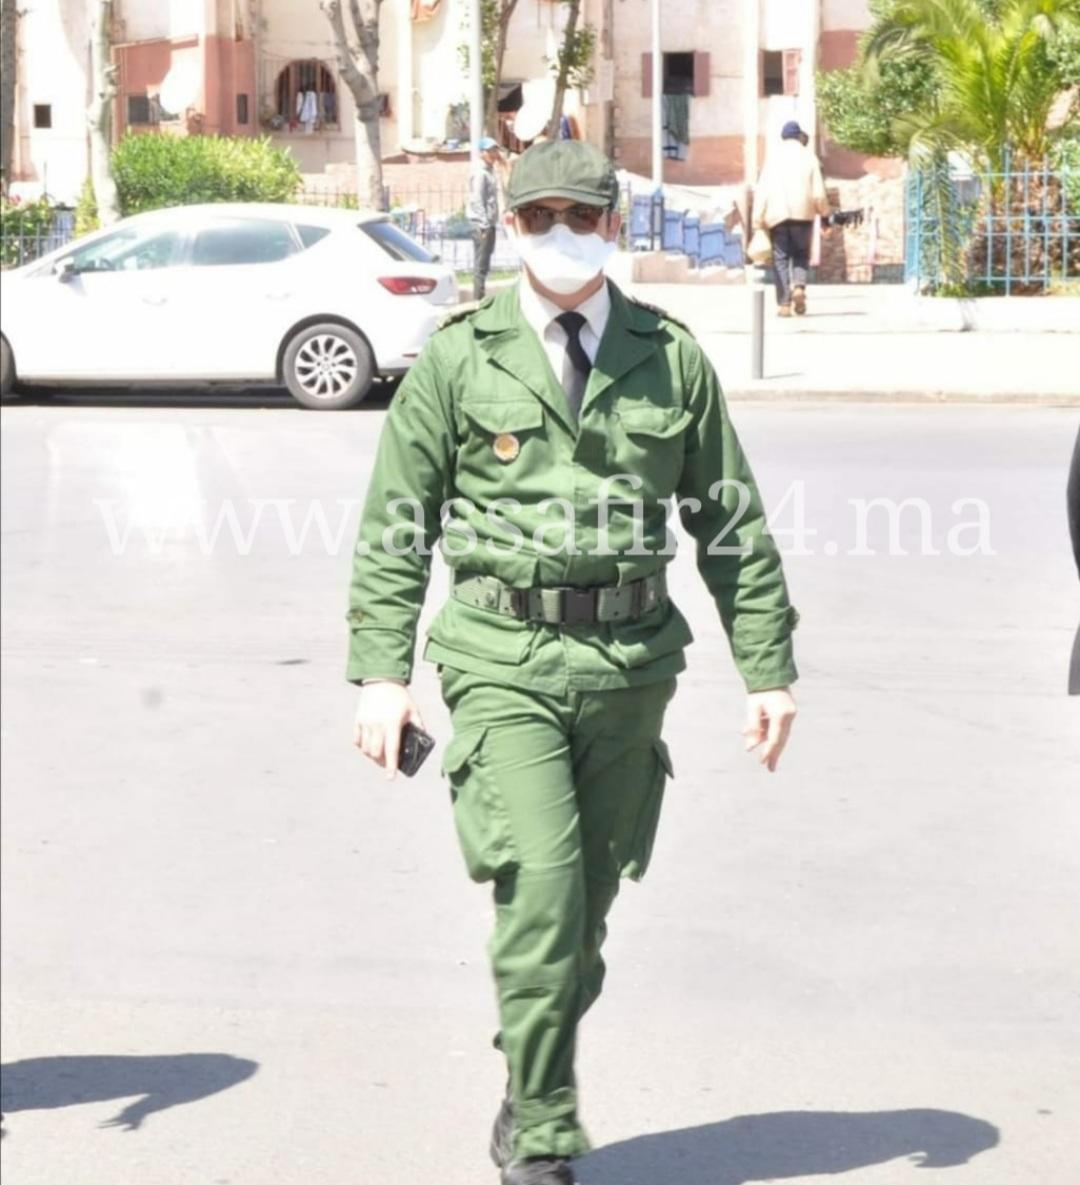 البيضاء.. تقريب الإدارة من المواطن شعار قائد الملحقة الادارية 56 بن مسيك